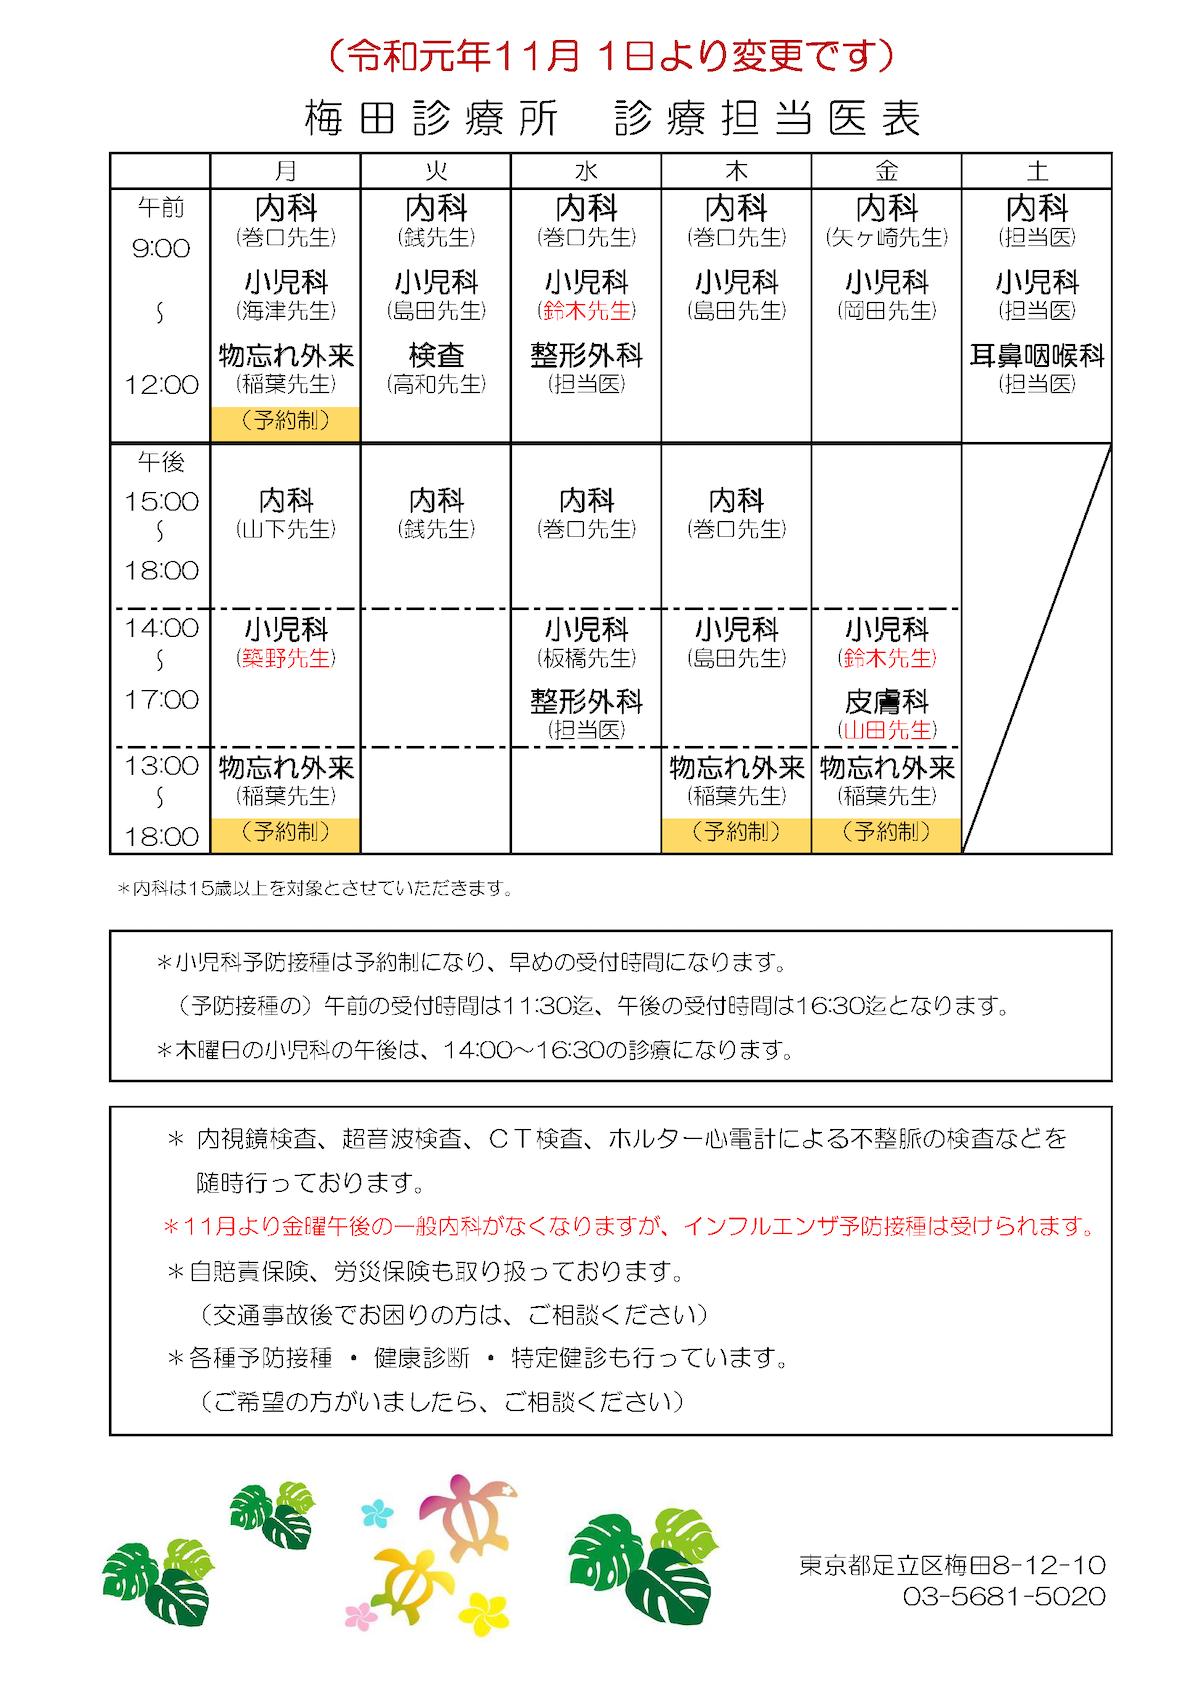 梅田診療所担当医表11月